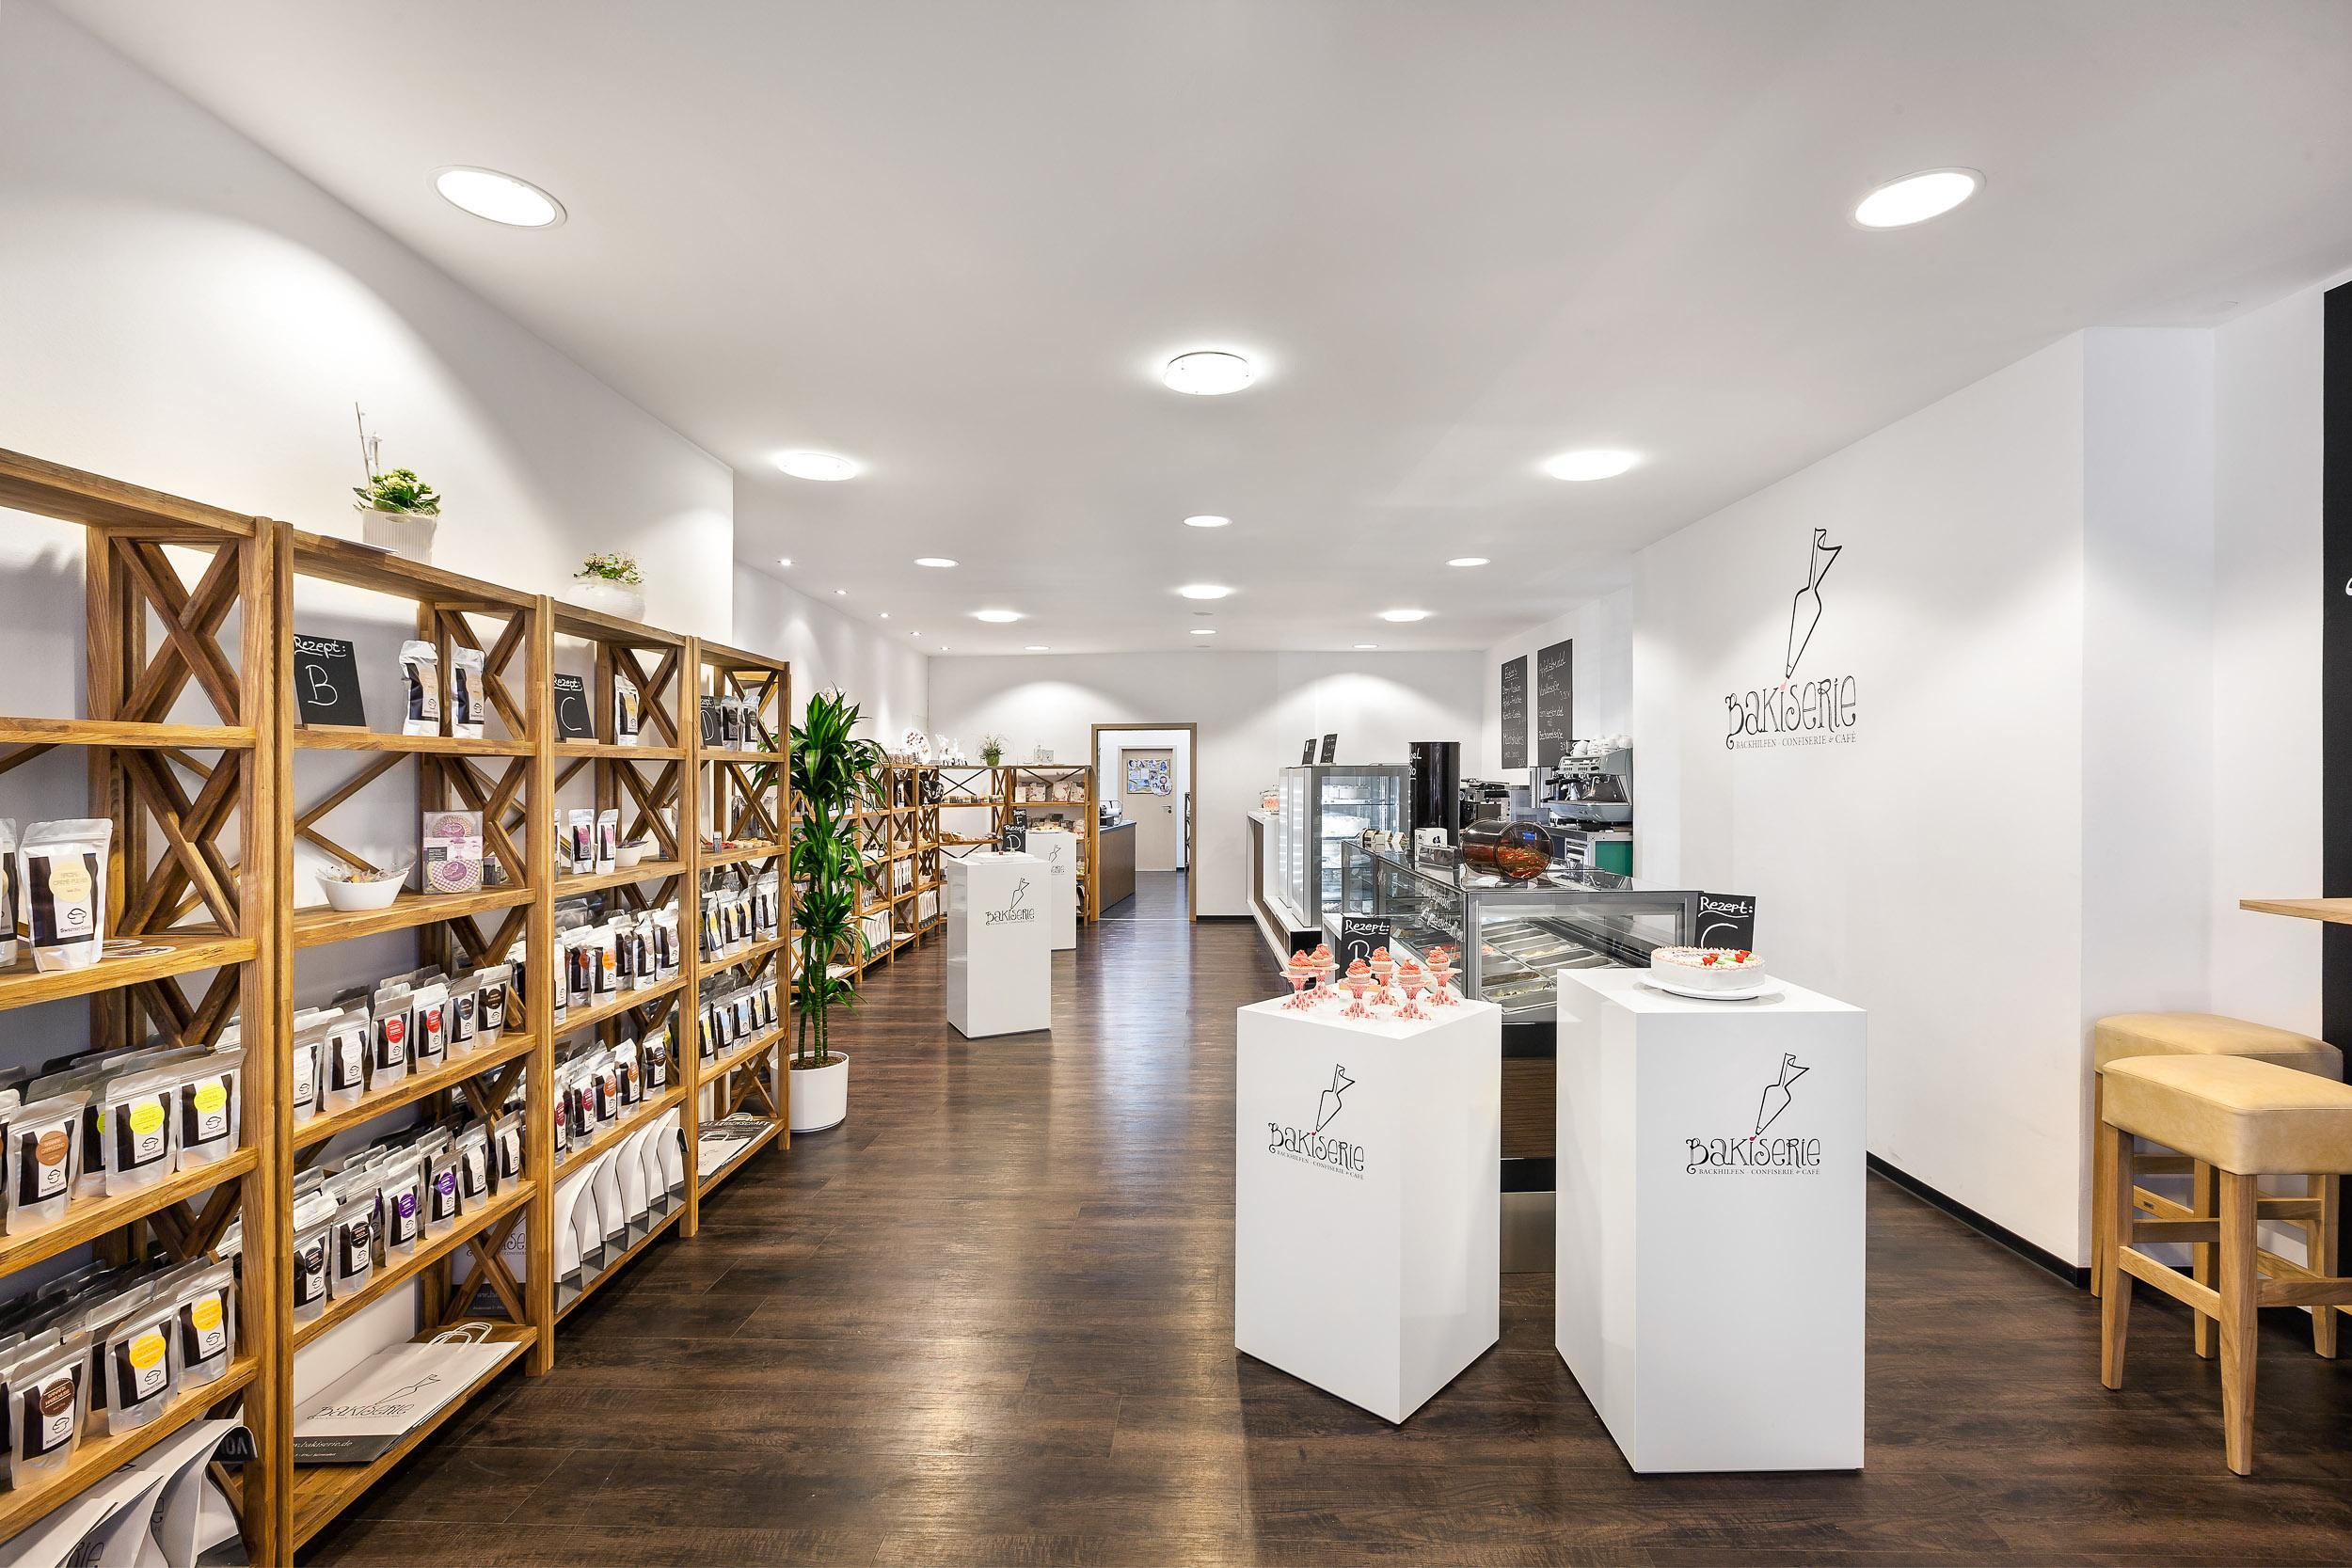 Bakiserie Corporate Design GDA Würzburg